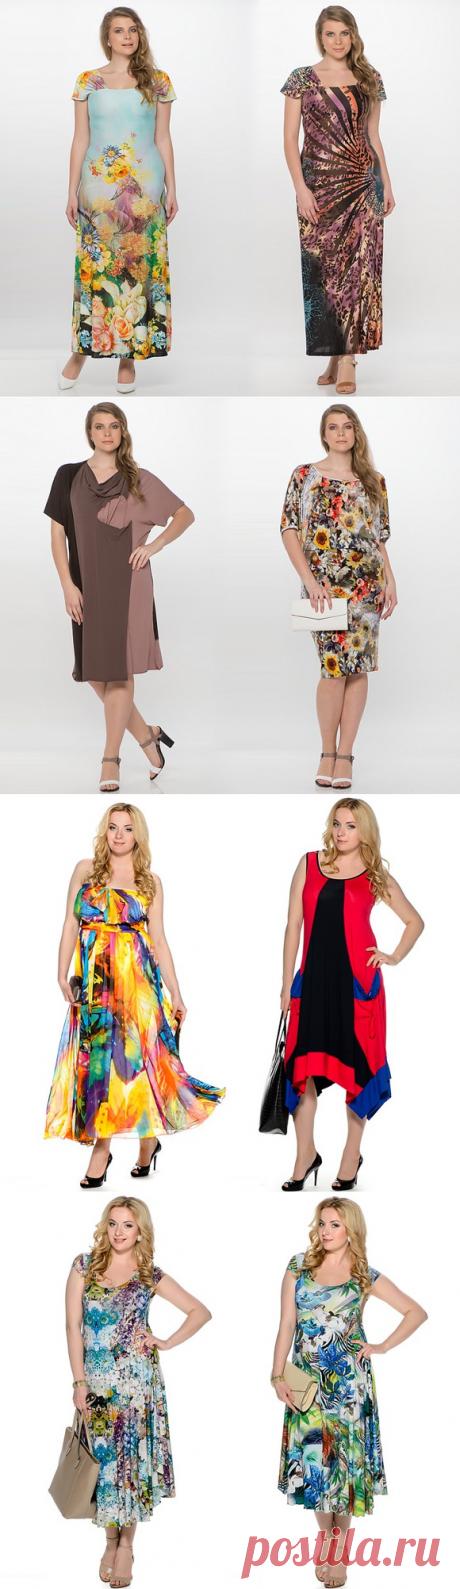 Летние платья для полных женщин 2016 (фото): удачные фасоны